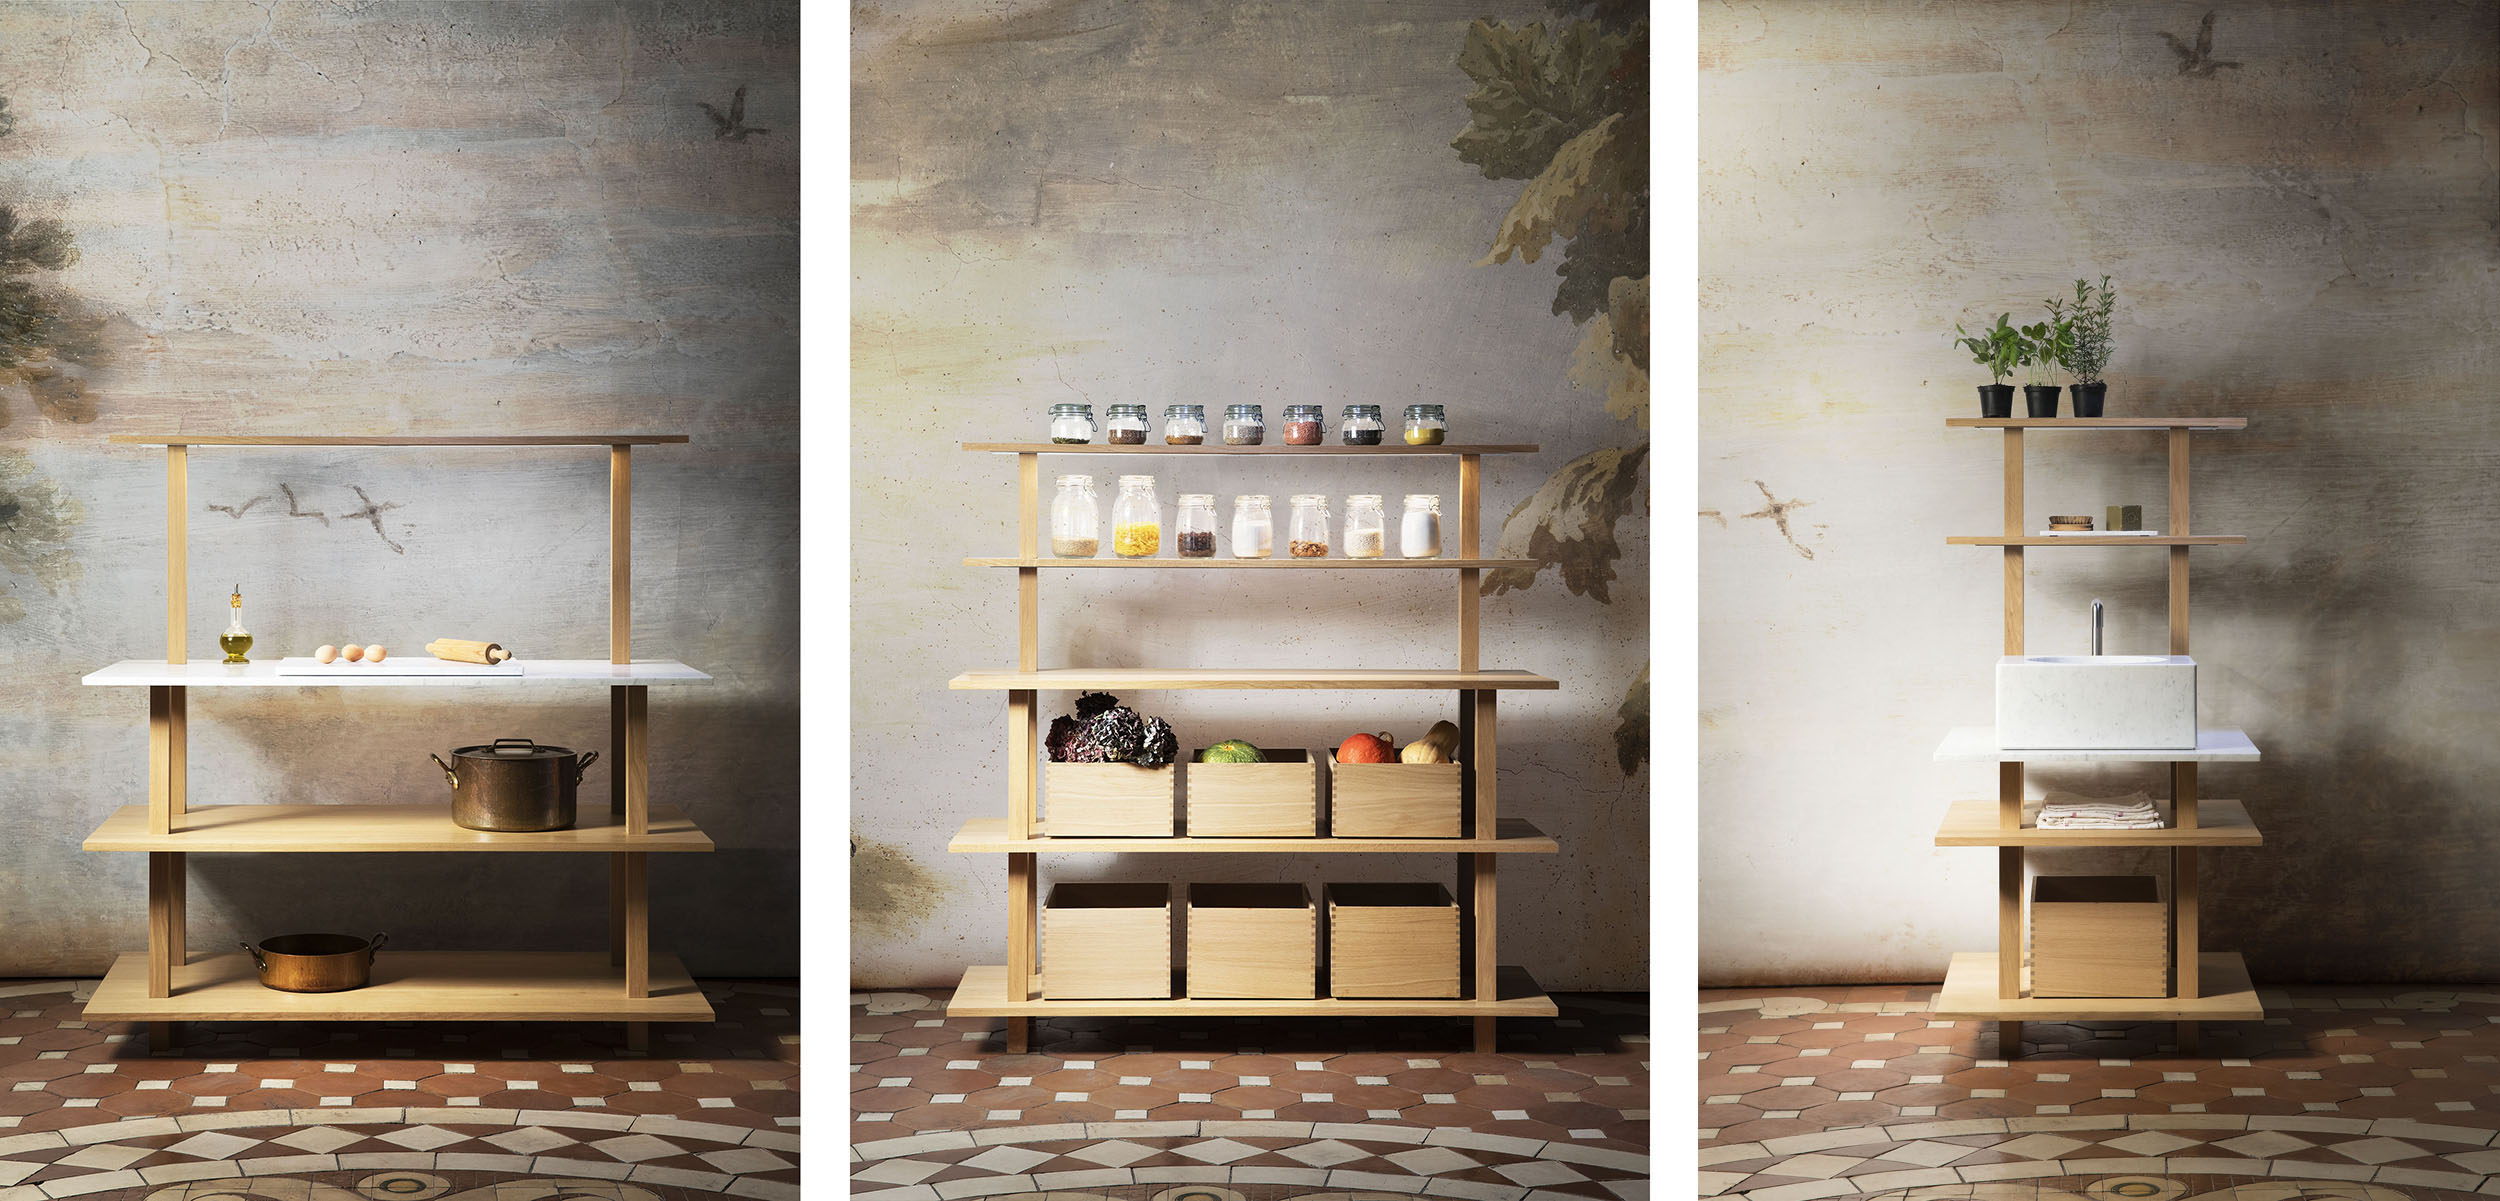 Configurations de meubles de cuisine ouverts en chêne massif huilé avec portiques éclairants, évier en marbre blanc de carrare et boites coulissantes de rangement